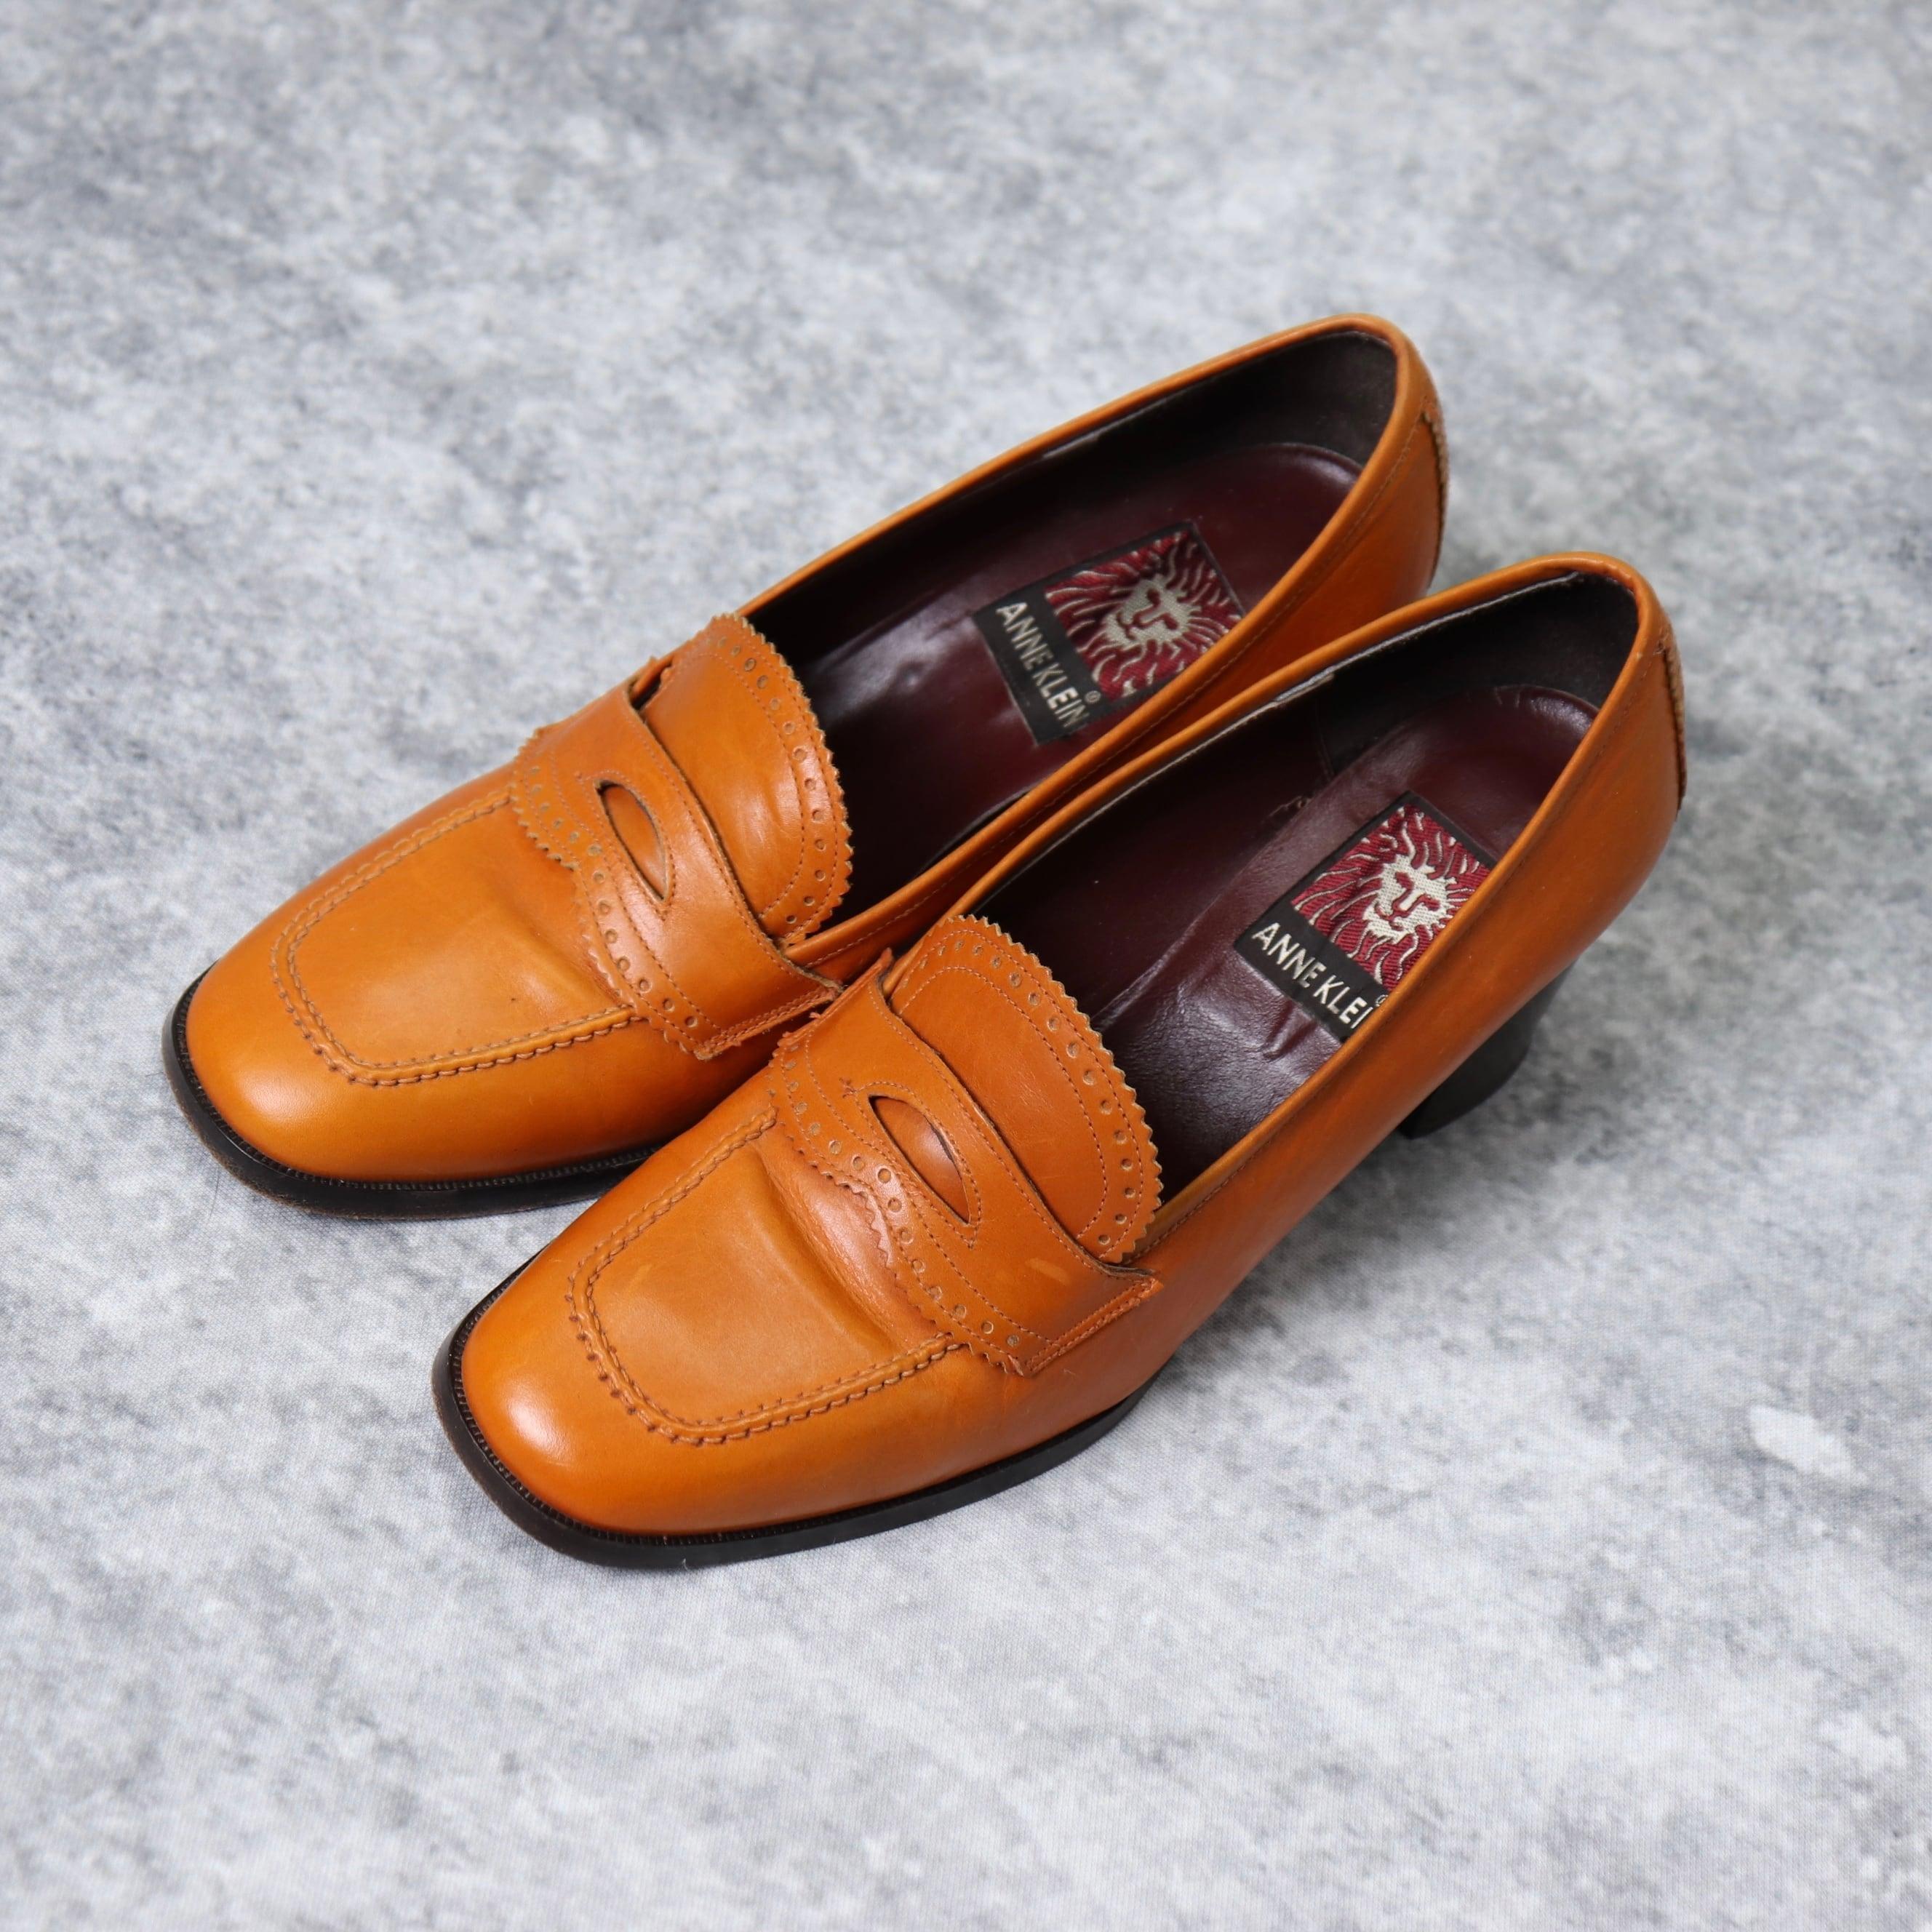 """アメリカ """"アン・クライン"""" イタリア製 ユーズド ヒールローファー  USA Used """"ANNE KLEIN"""" Heel loafers Made in ITALY"""